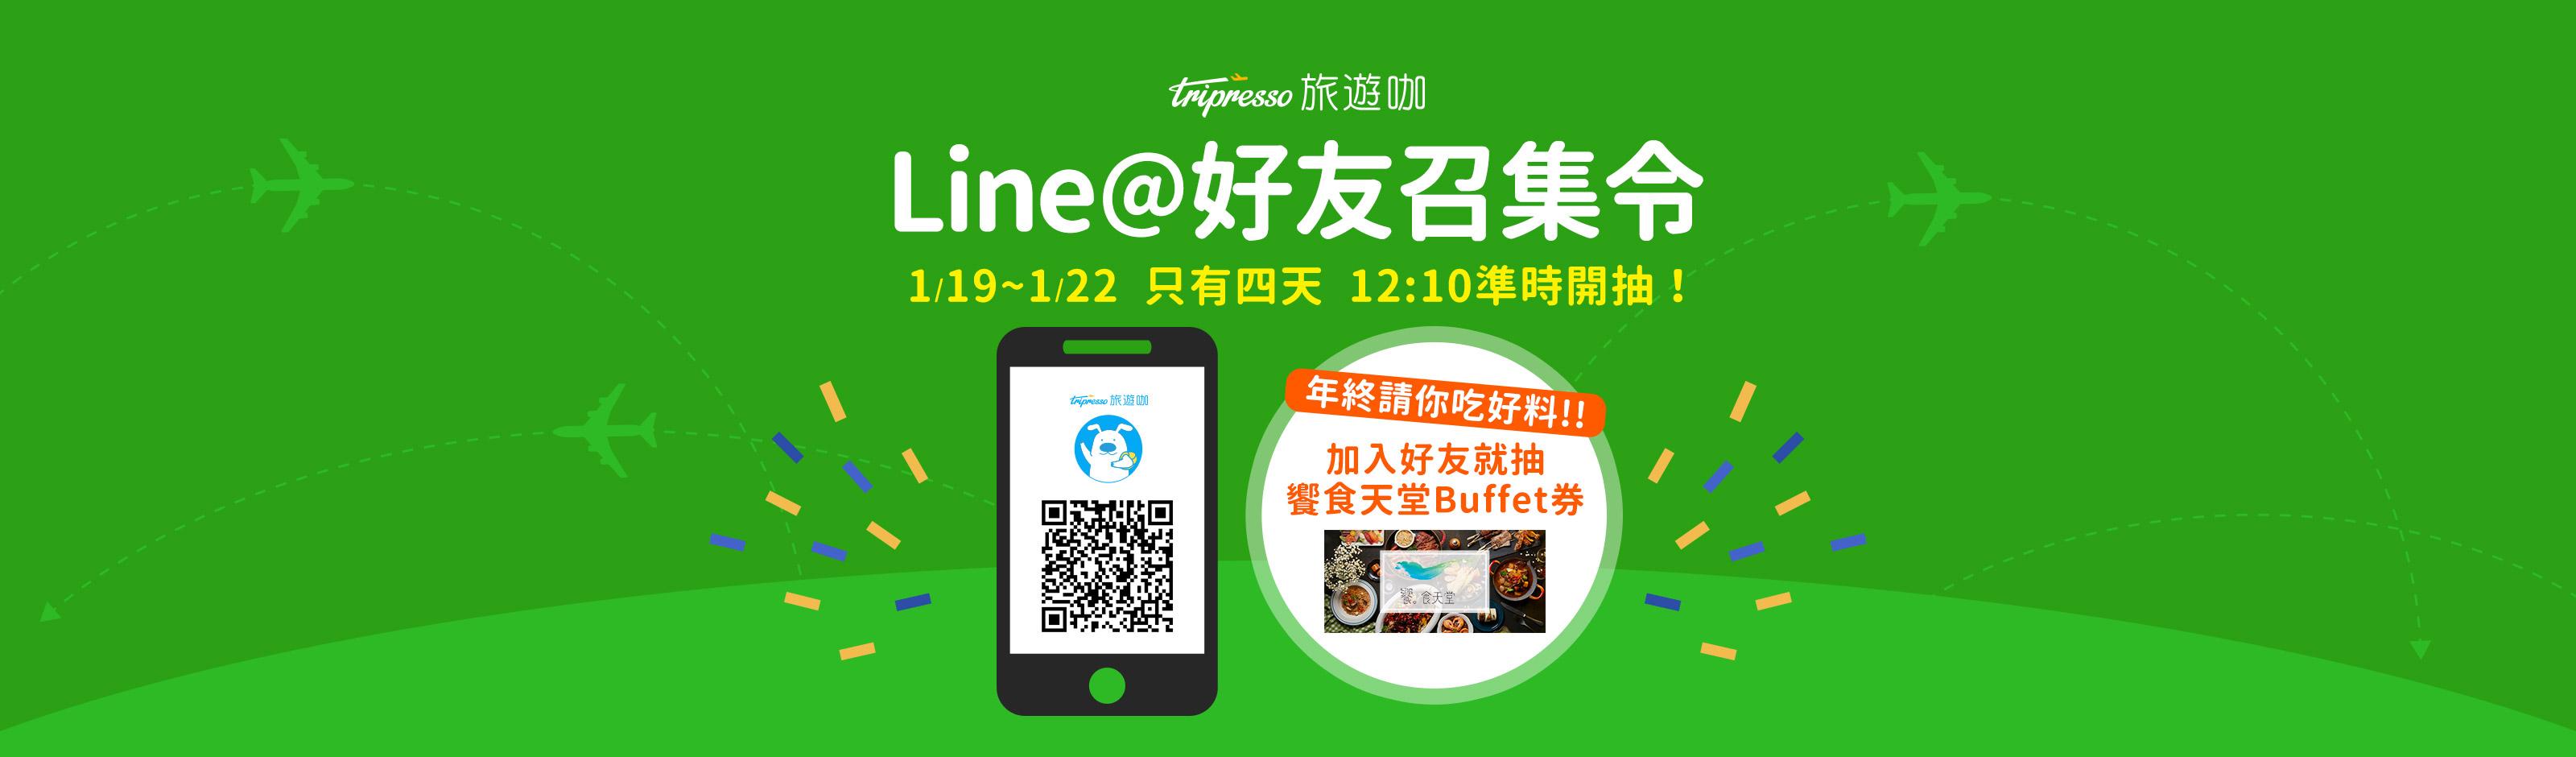 Line@好友招集令